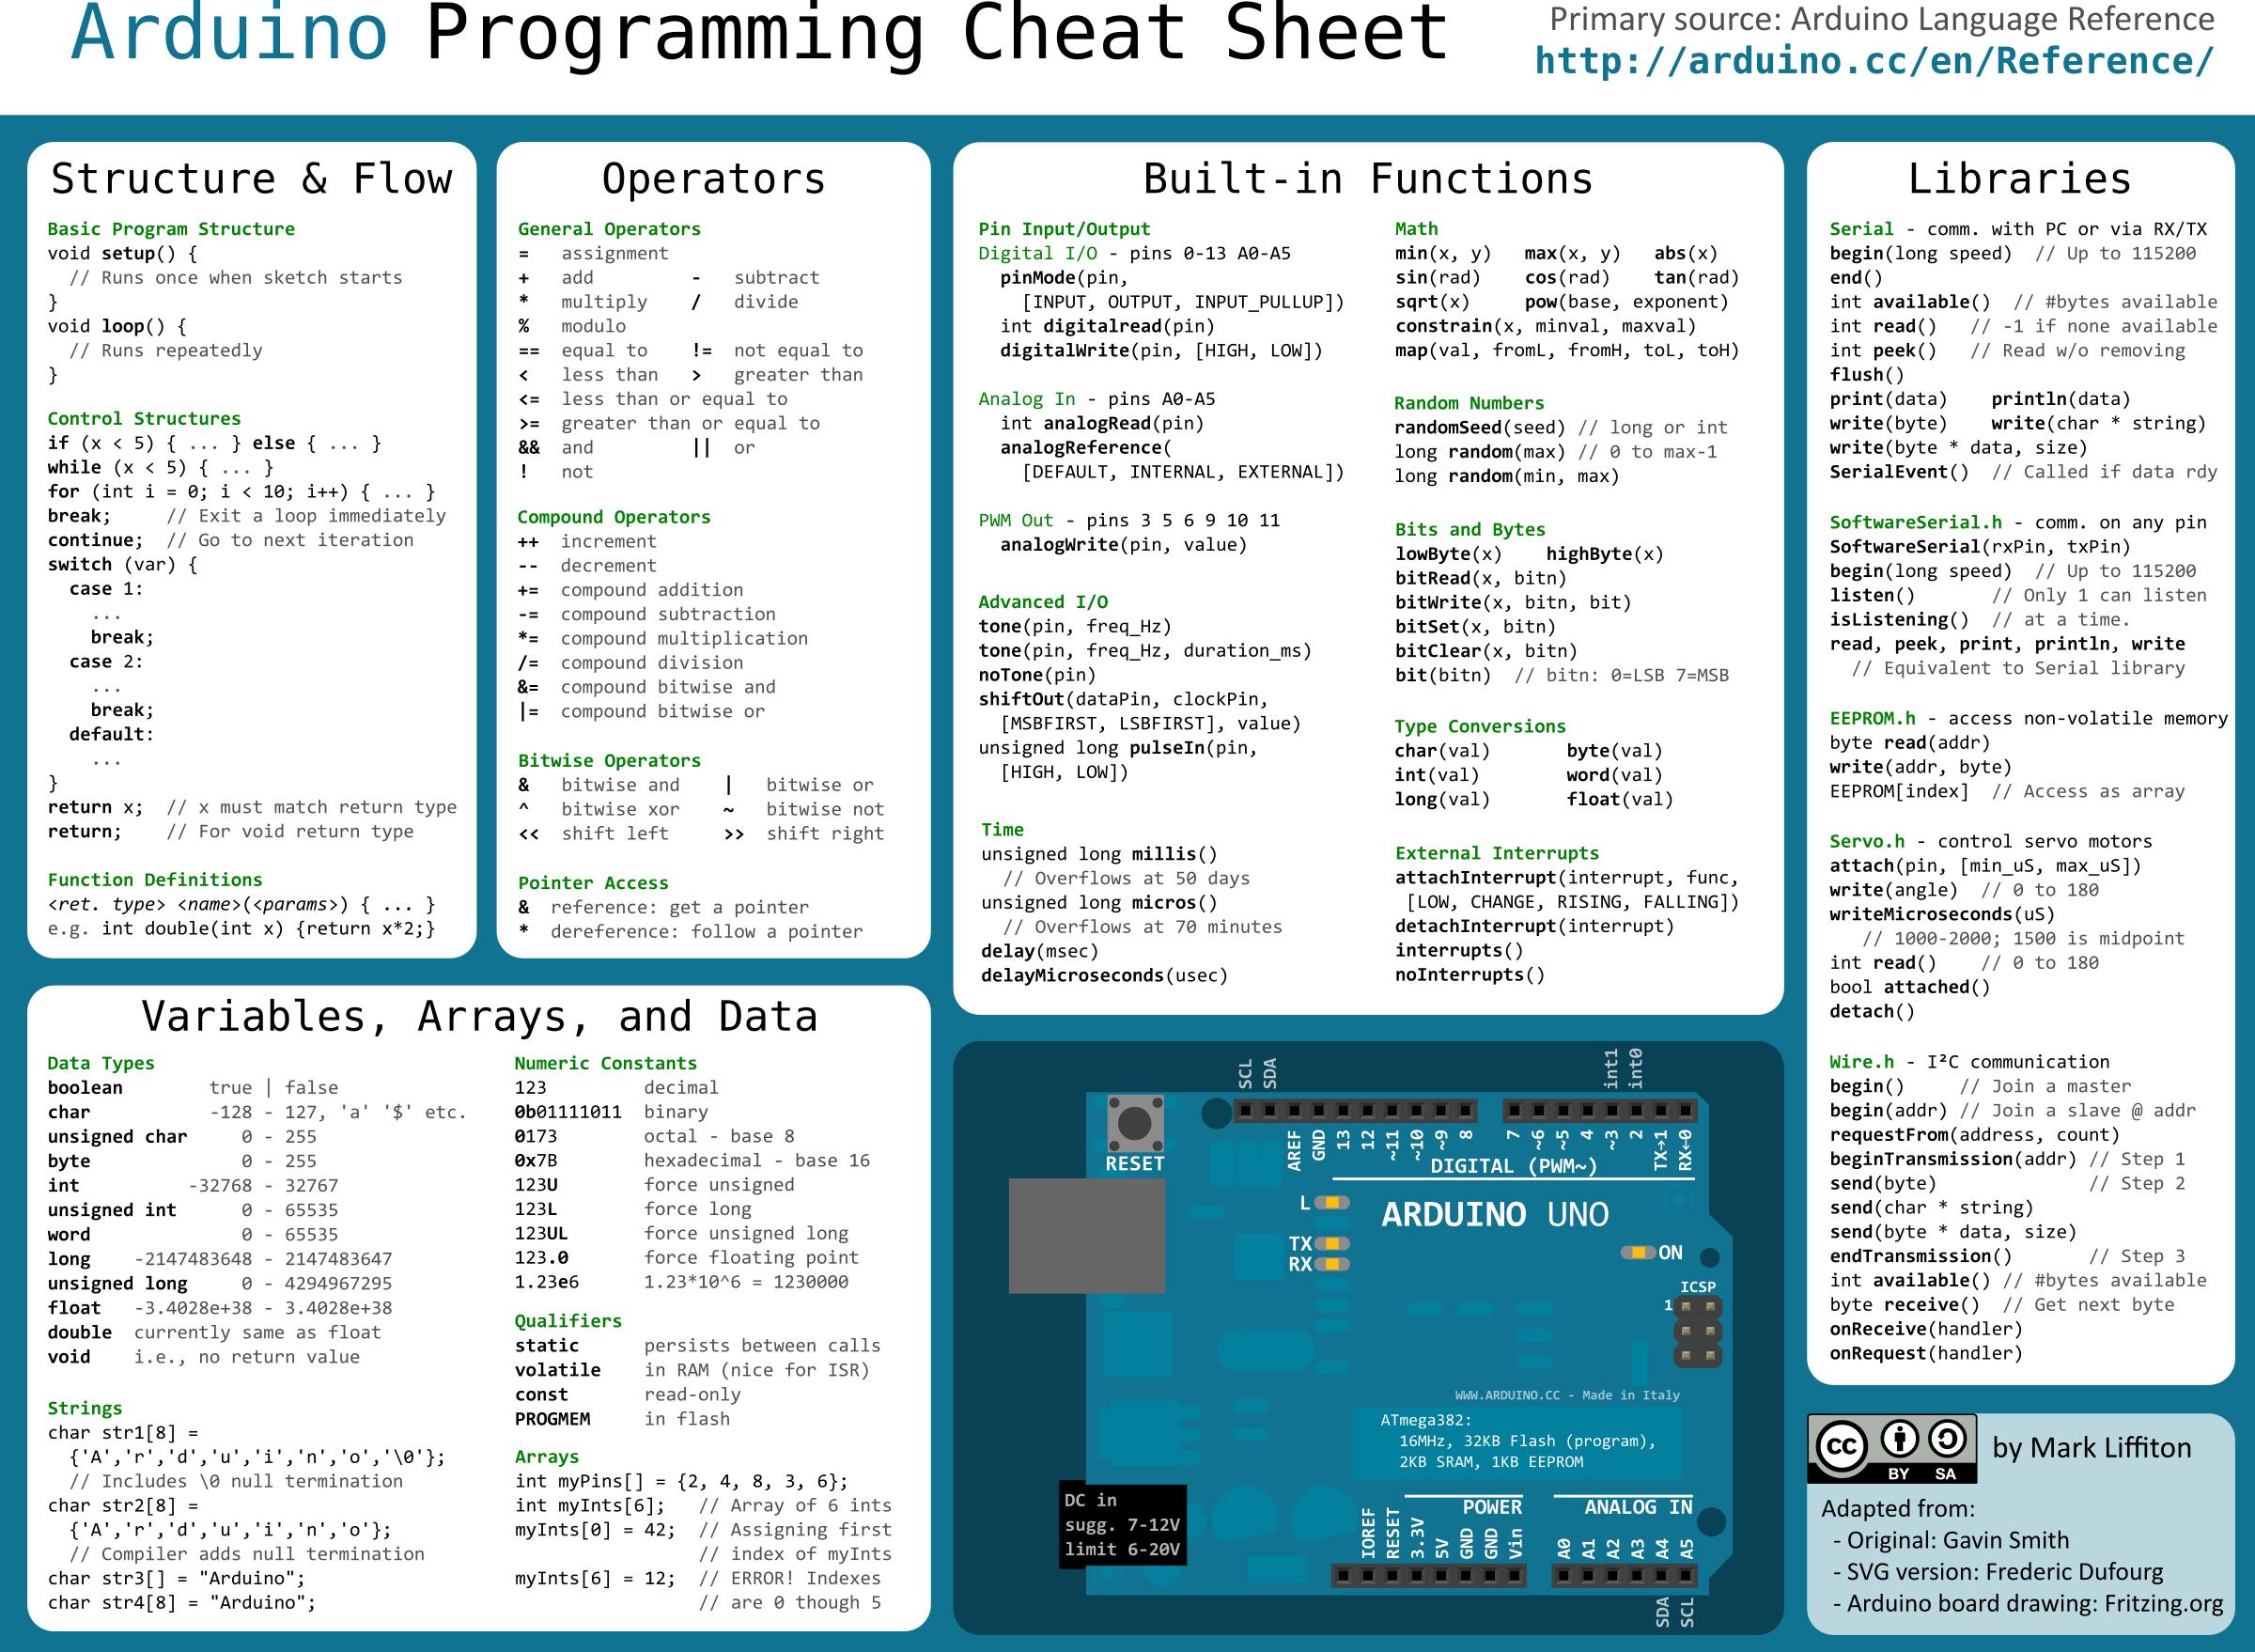 Resultado de imagem para arduino cheat sheet